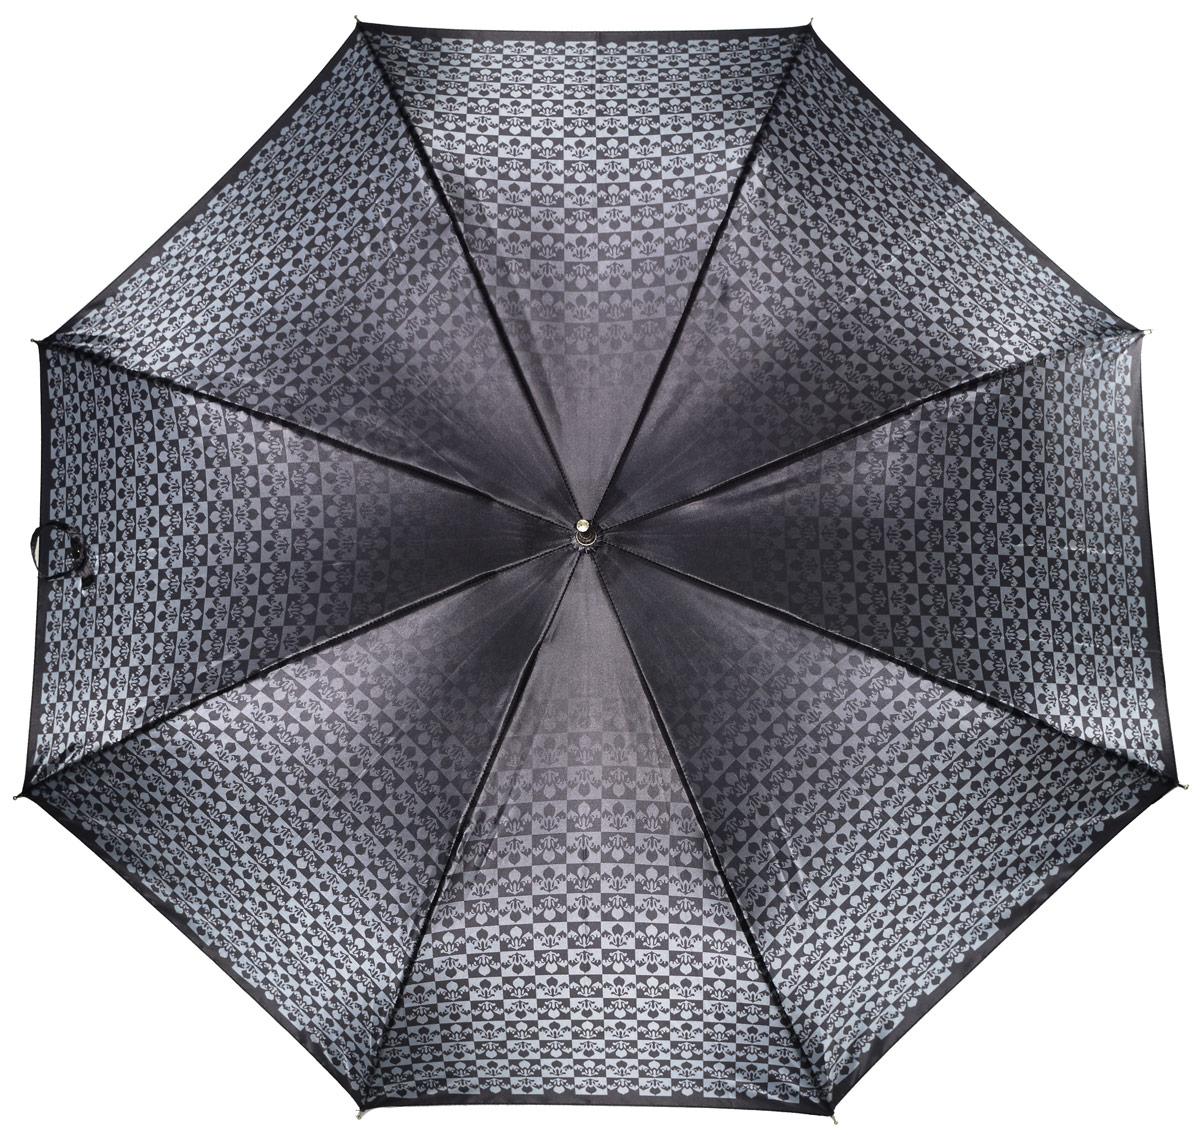 Зонт женский Henry Backer, цвет: серый. U11203 Black lilyU11203 Black lilyЖенский зонт-трость «Черная лилия» с сатиновым куполом, черный, автомат У рукояти изящная и удобная форма, ветроустойчивый каркас выполнен из стали и фибергласса.